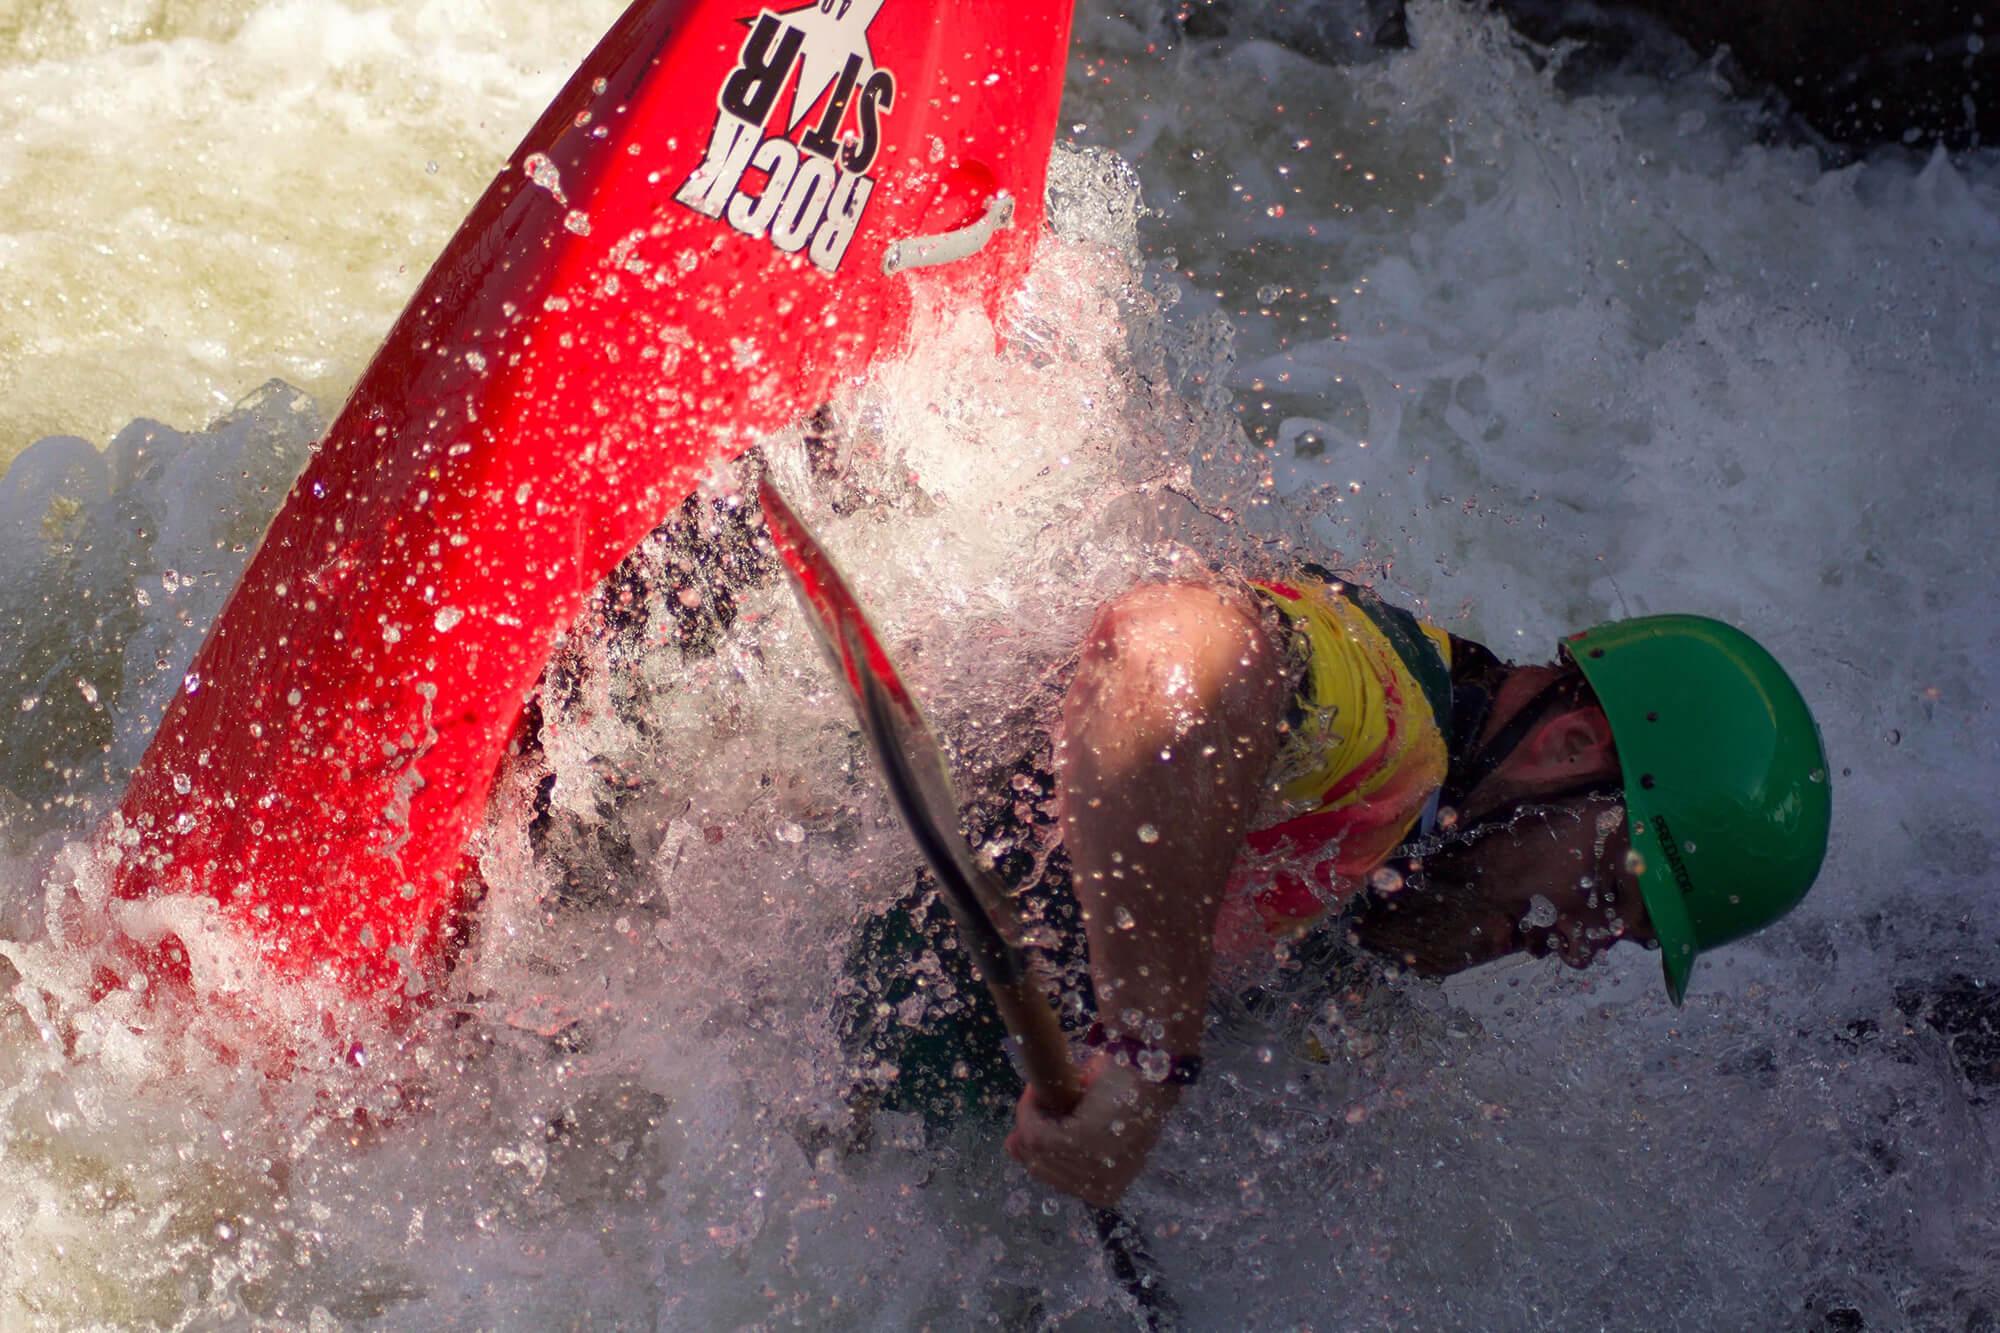 A man kayaking through extreme white water